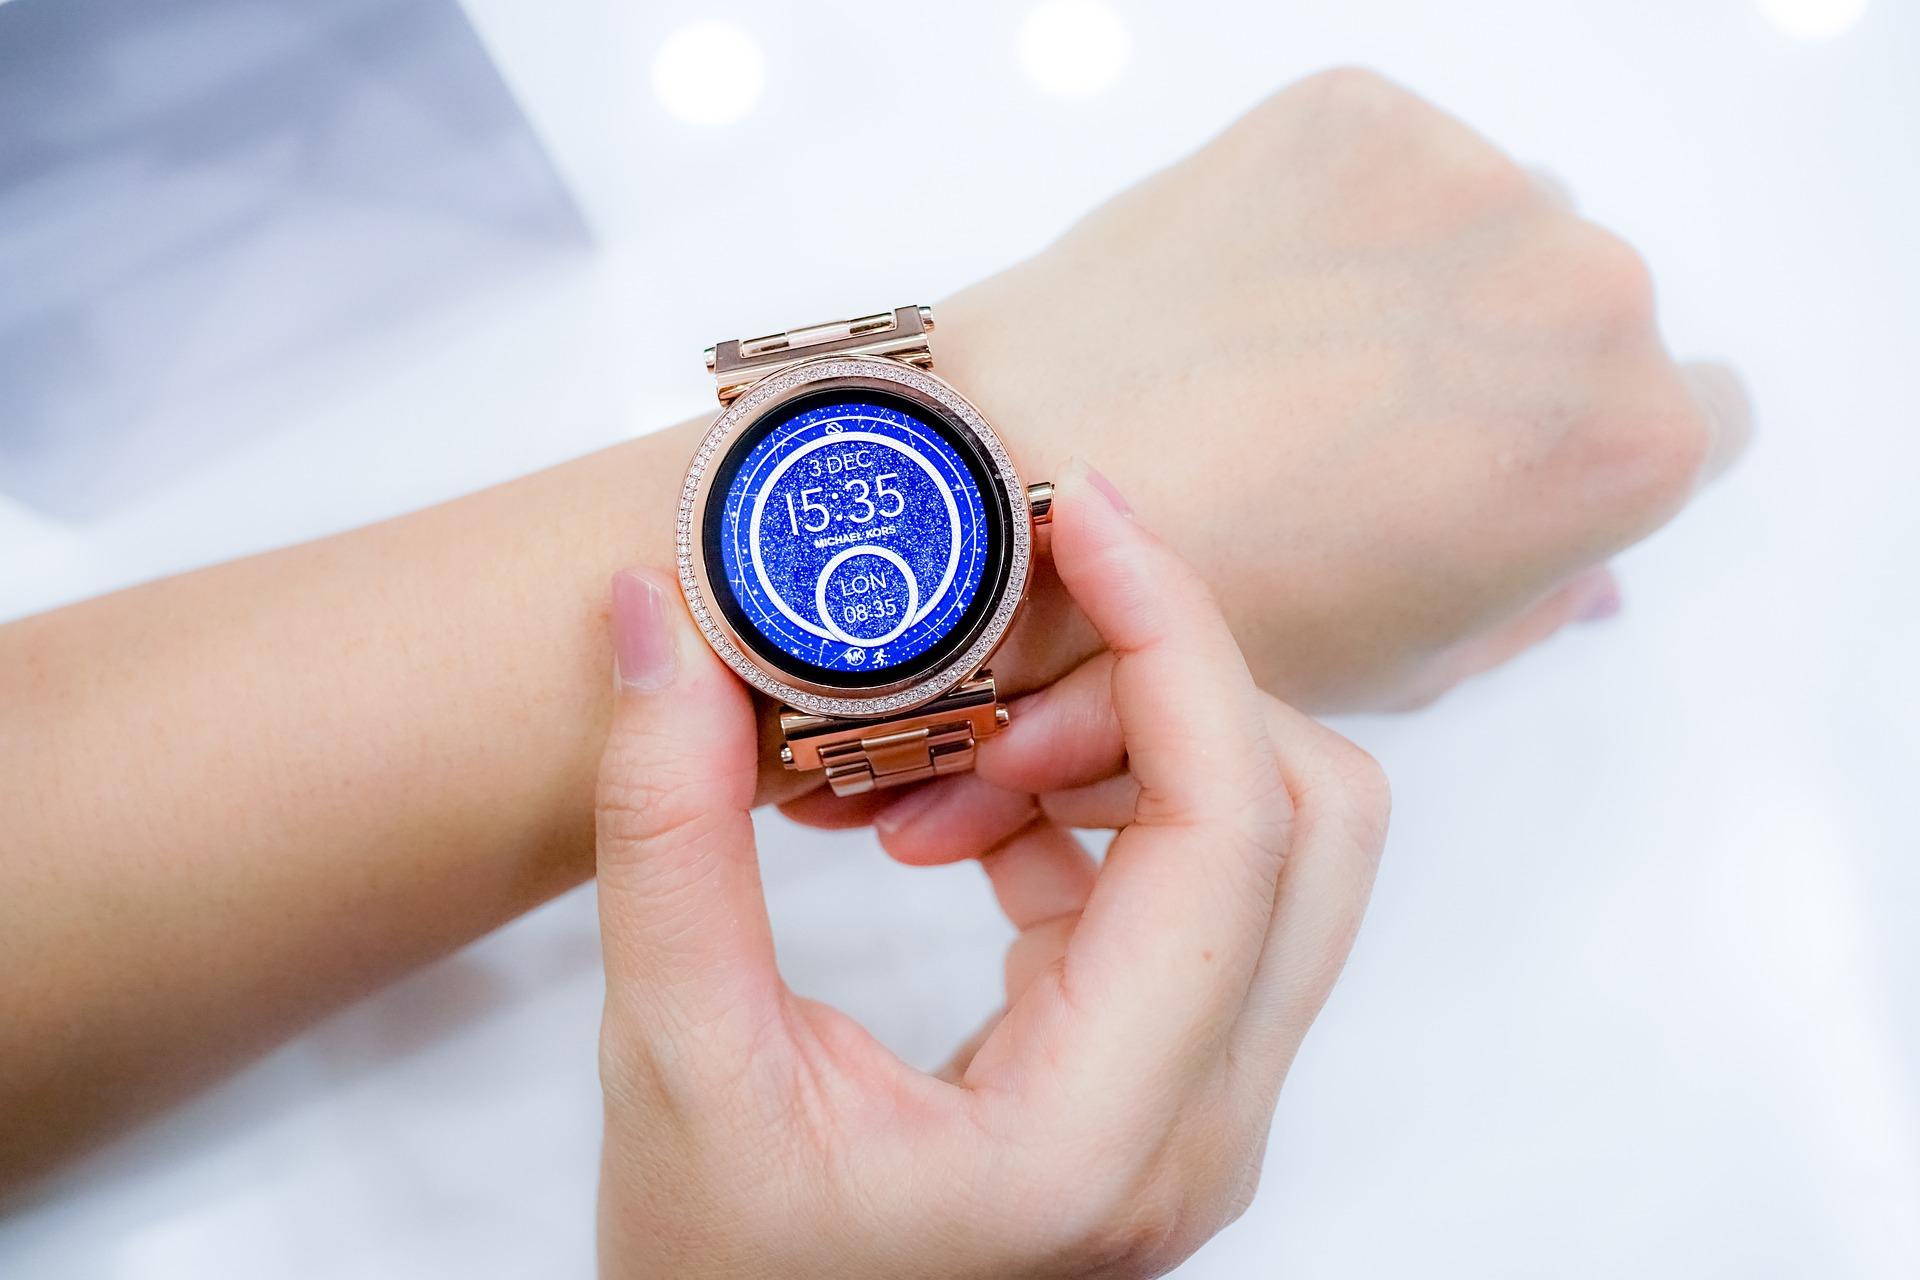 a hybrid smartwatch on a teacher's hand